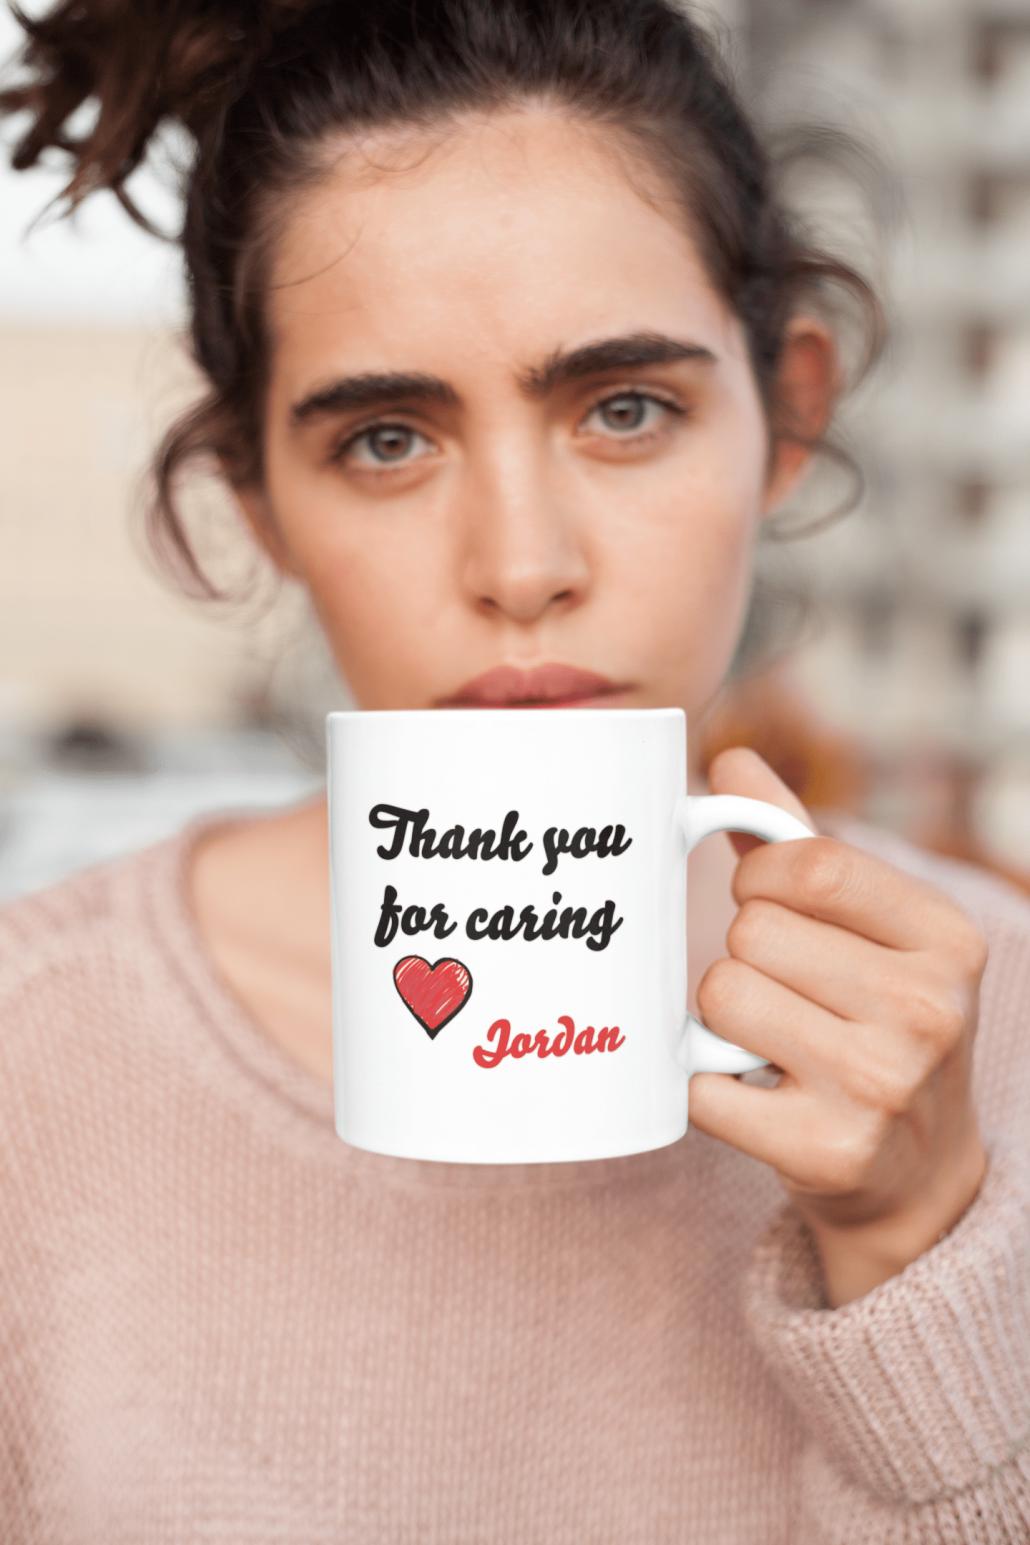 Girl with custom mug